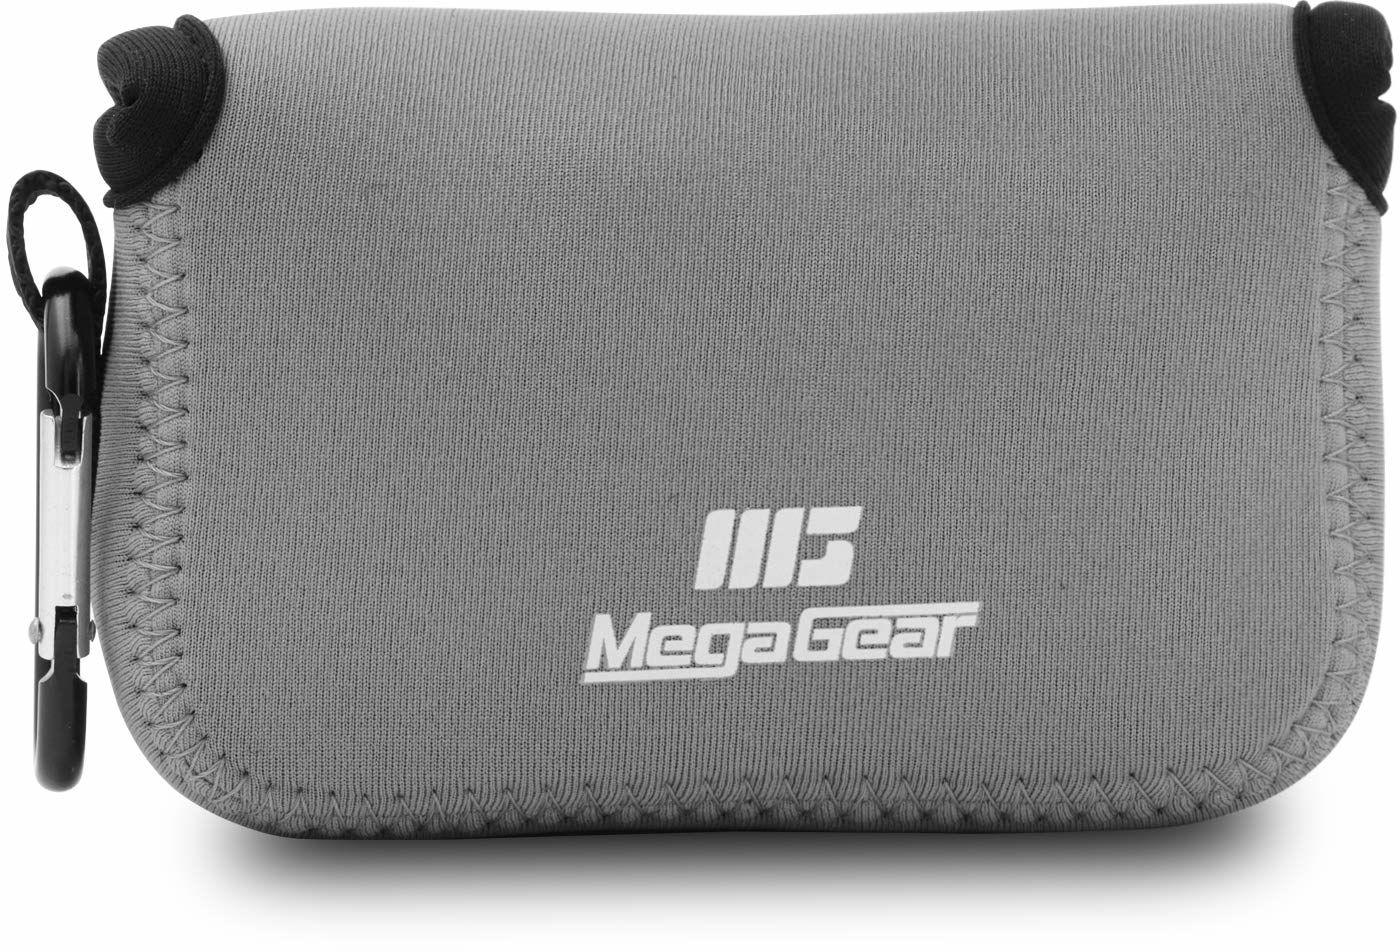 MegaGear ''Ultra Light'' neoprenowa obudowa na aparat torba z karabińczykiem do Canon PowerShot SX720 HS, SX610 HS, SX600 HS (szary)